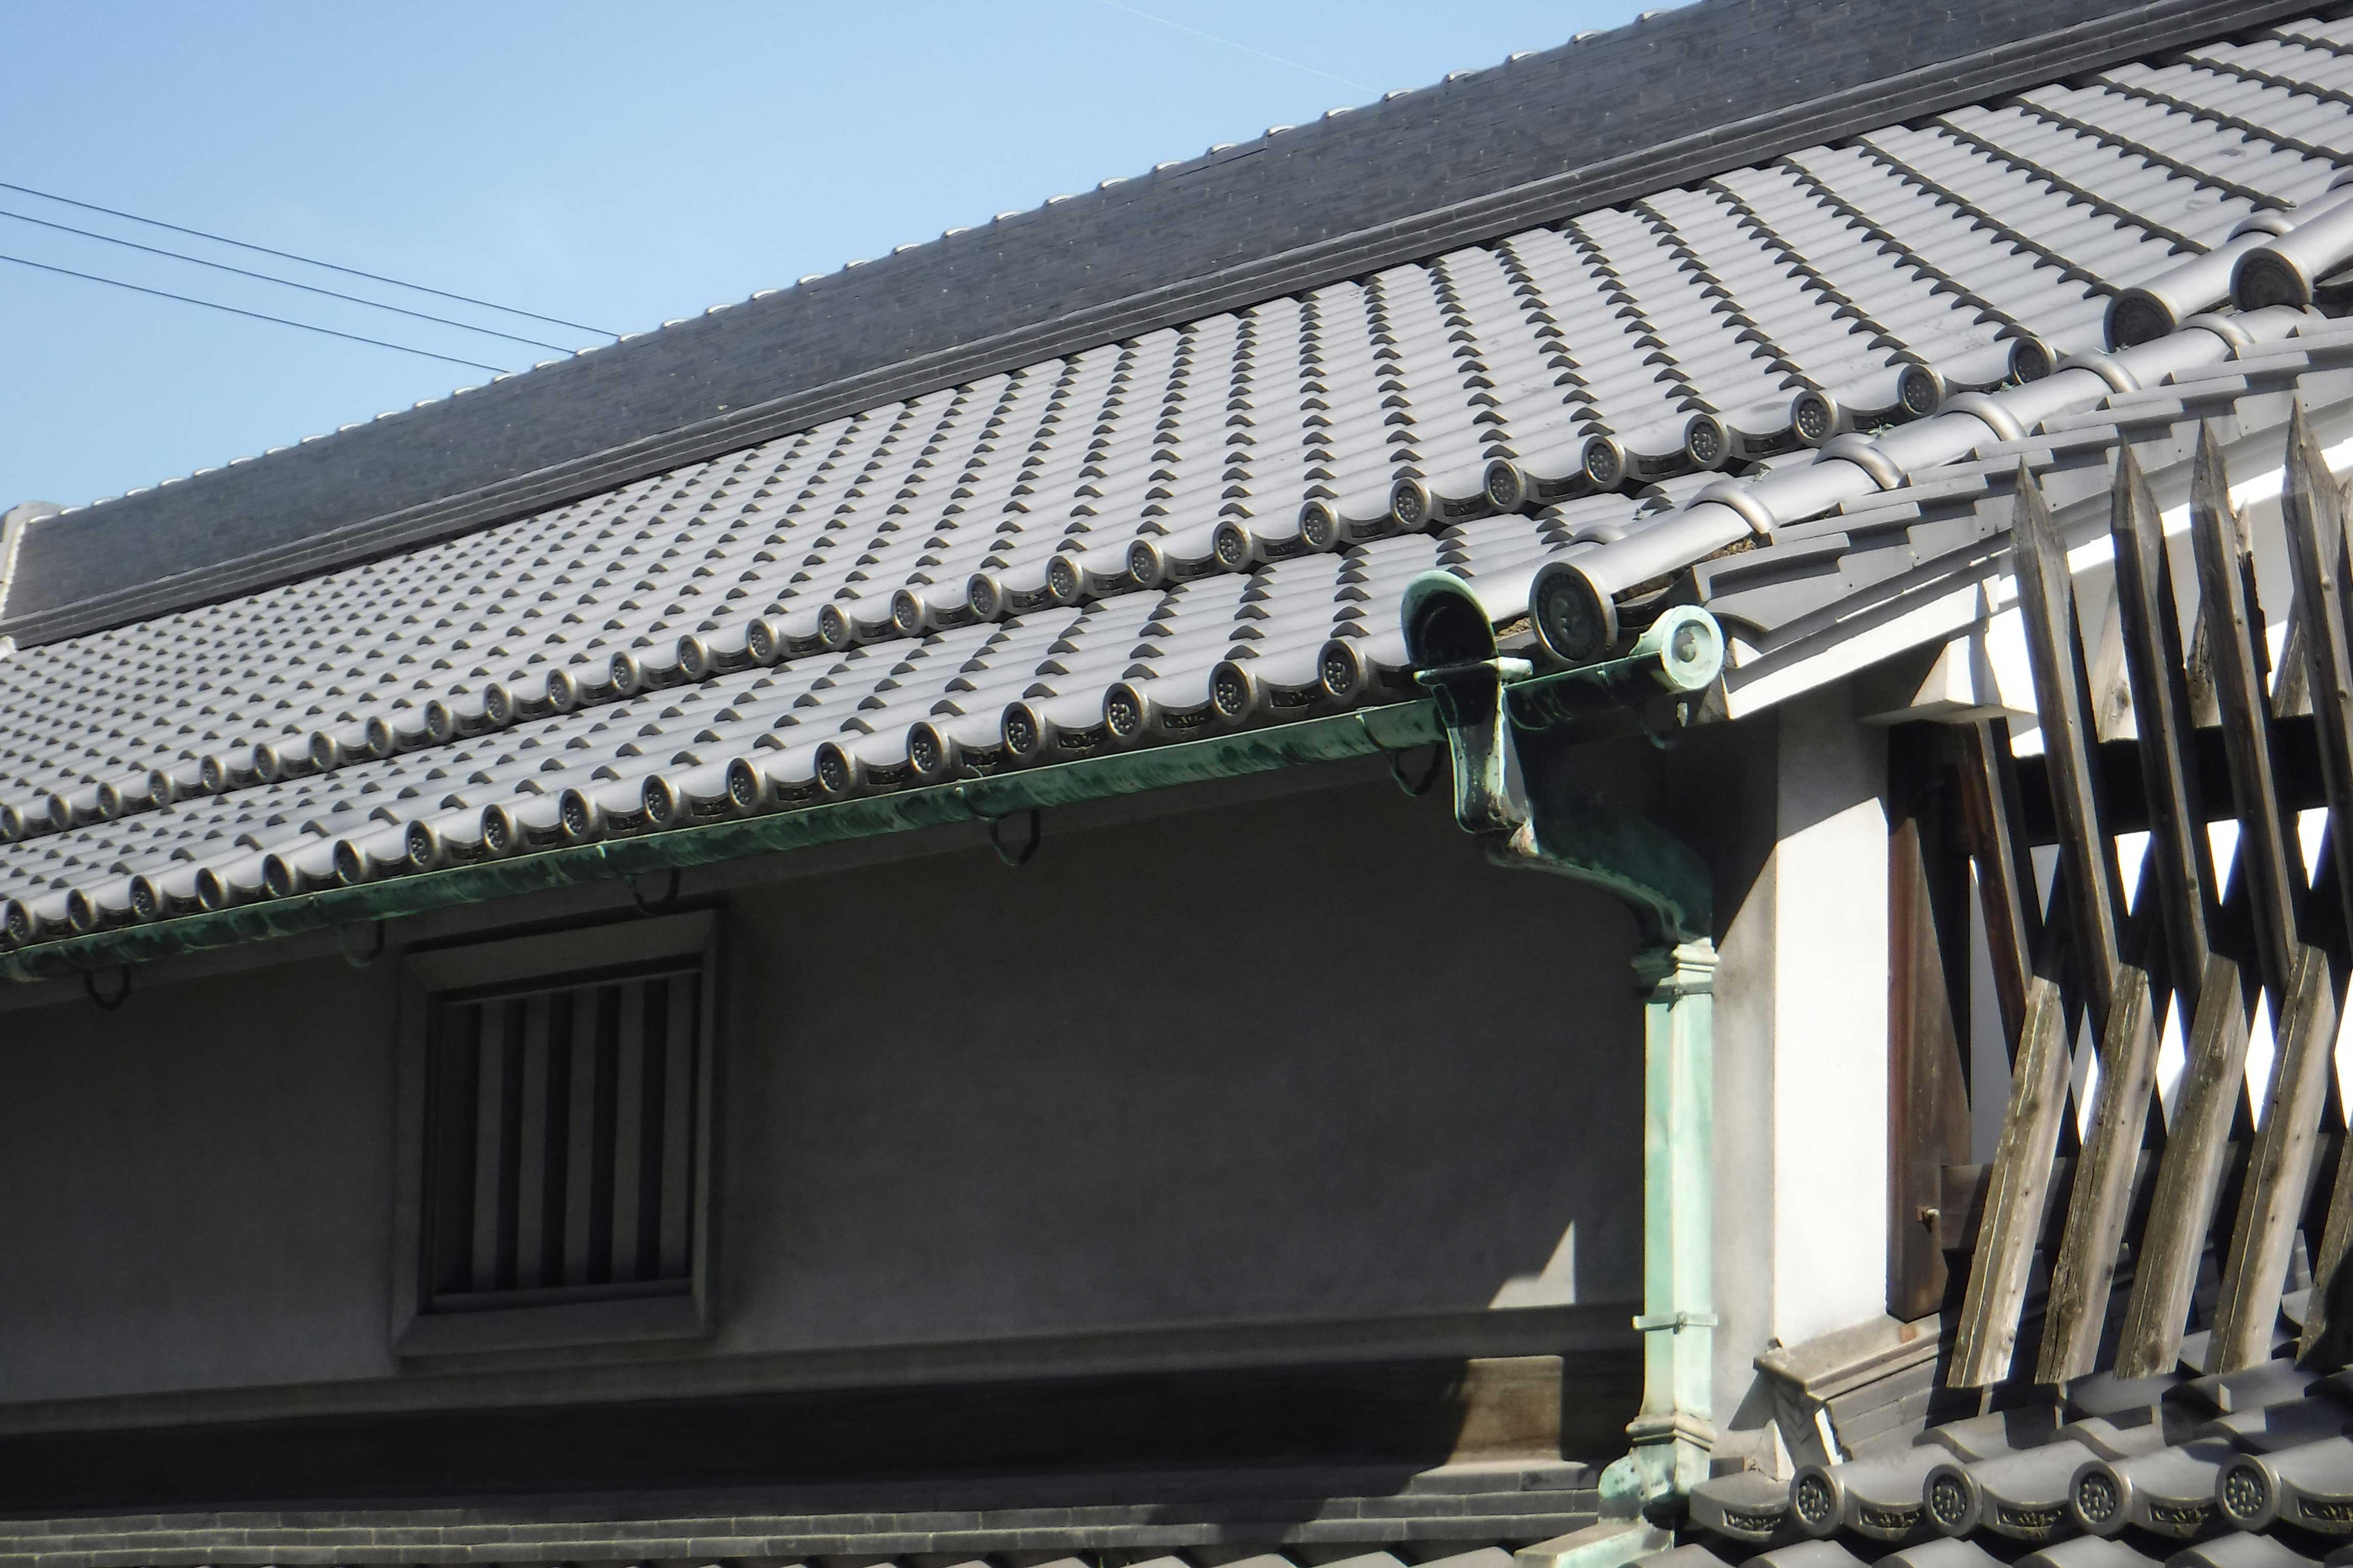 <p>主屋 屋頂的披屋</p>原来是本瓦頂,錣葺形式不変,把本瓦改為桟瓦。